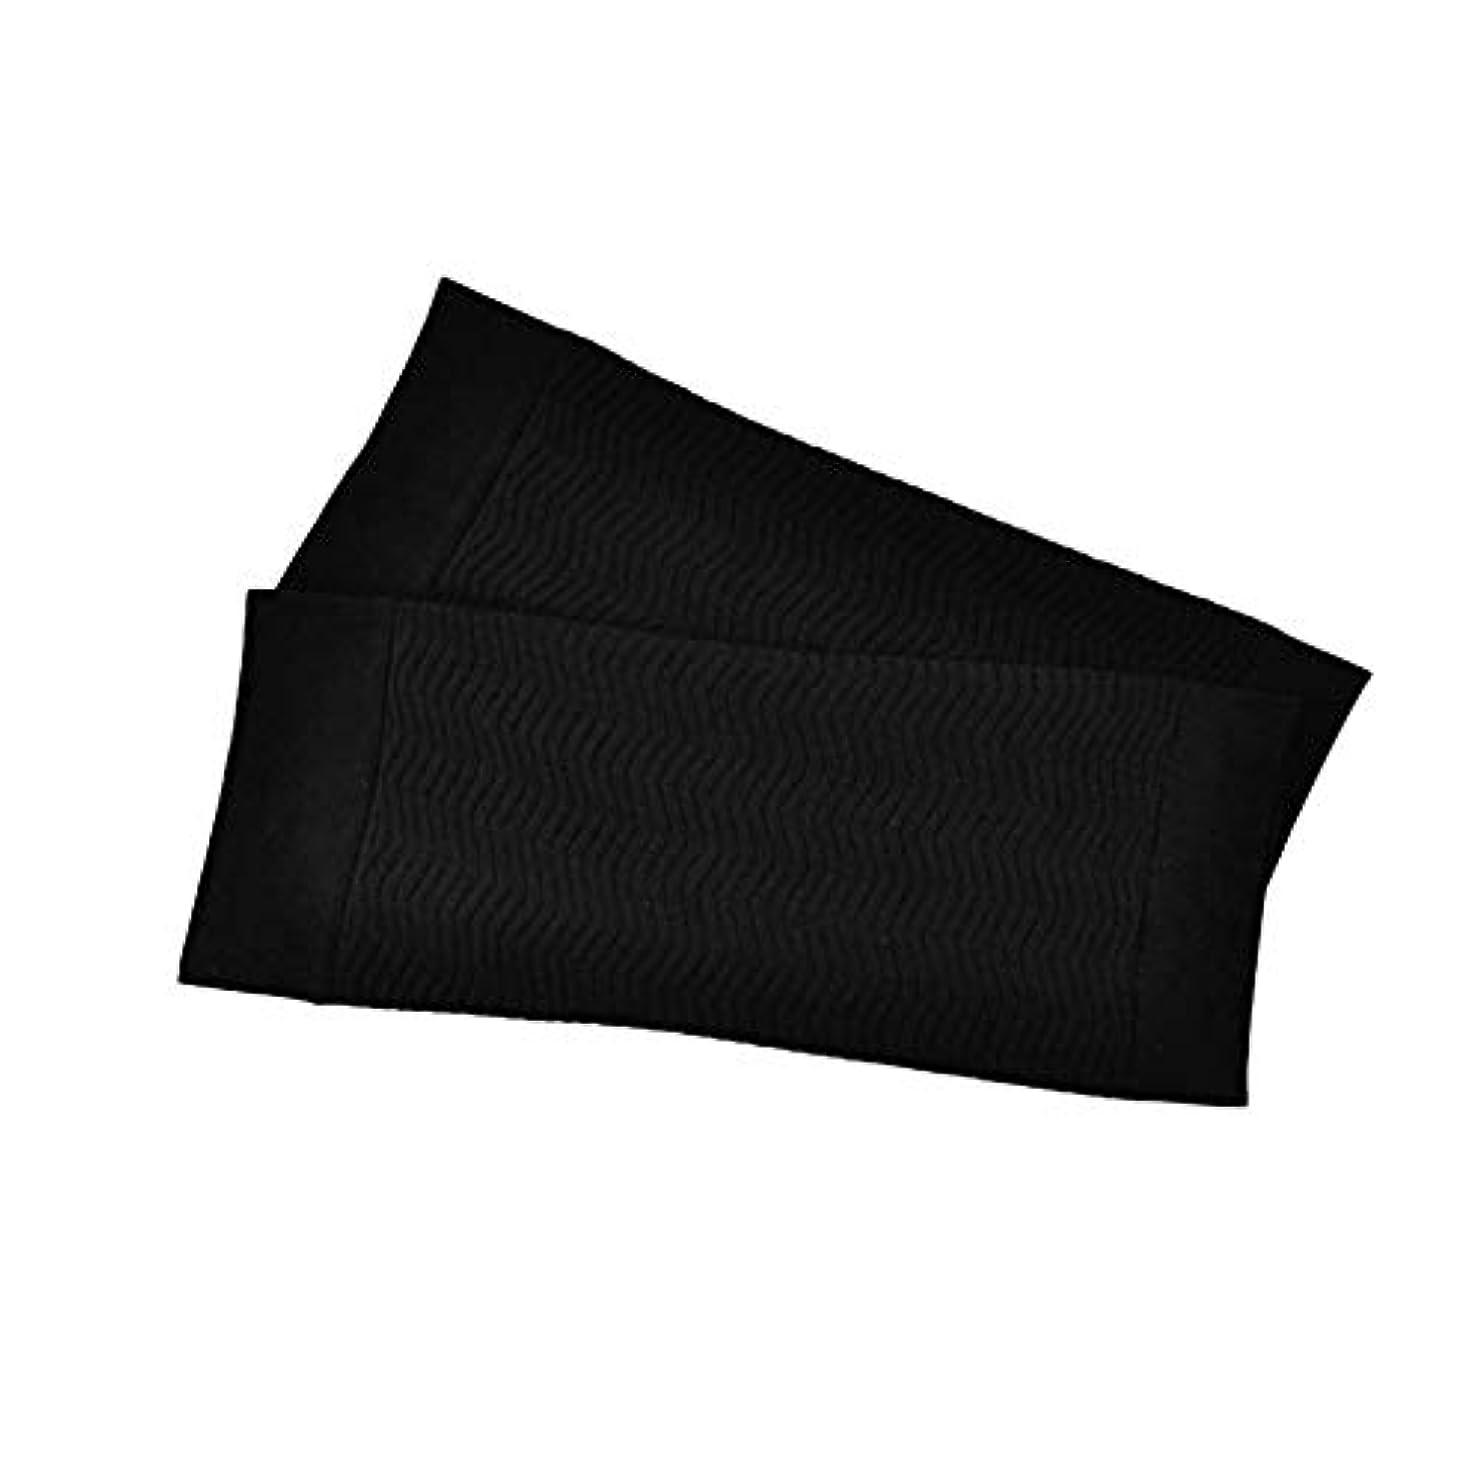 束ねる熟した素晴らしいです1ペア680 D圧縮アームシェイパーワークアウトトーニングバーンセルライトスリミングアームスリーブ脂肪燃焼半袖用女性 - ブラック